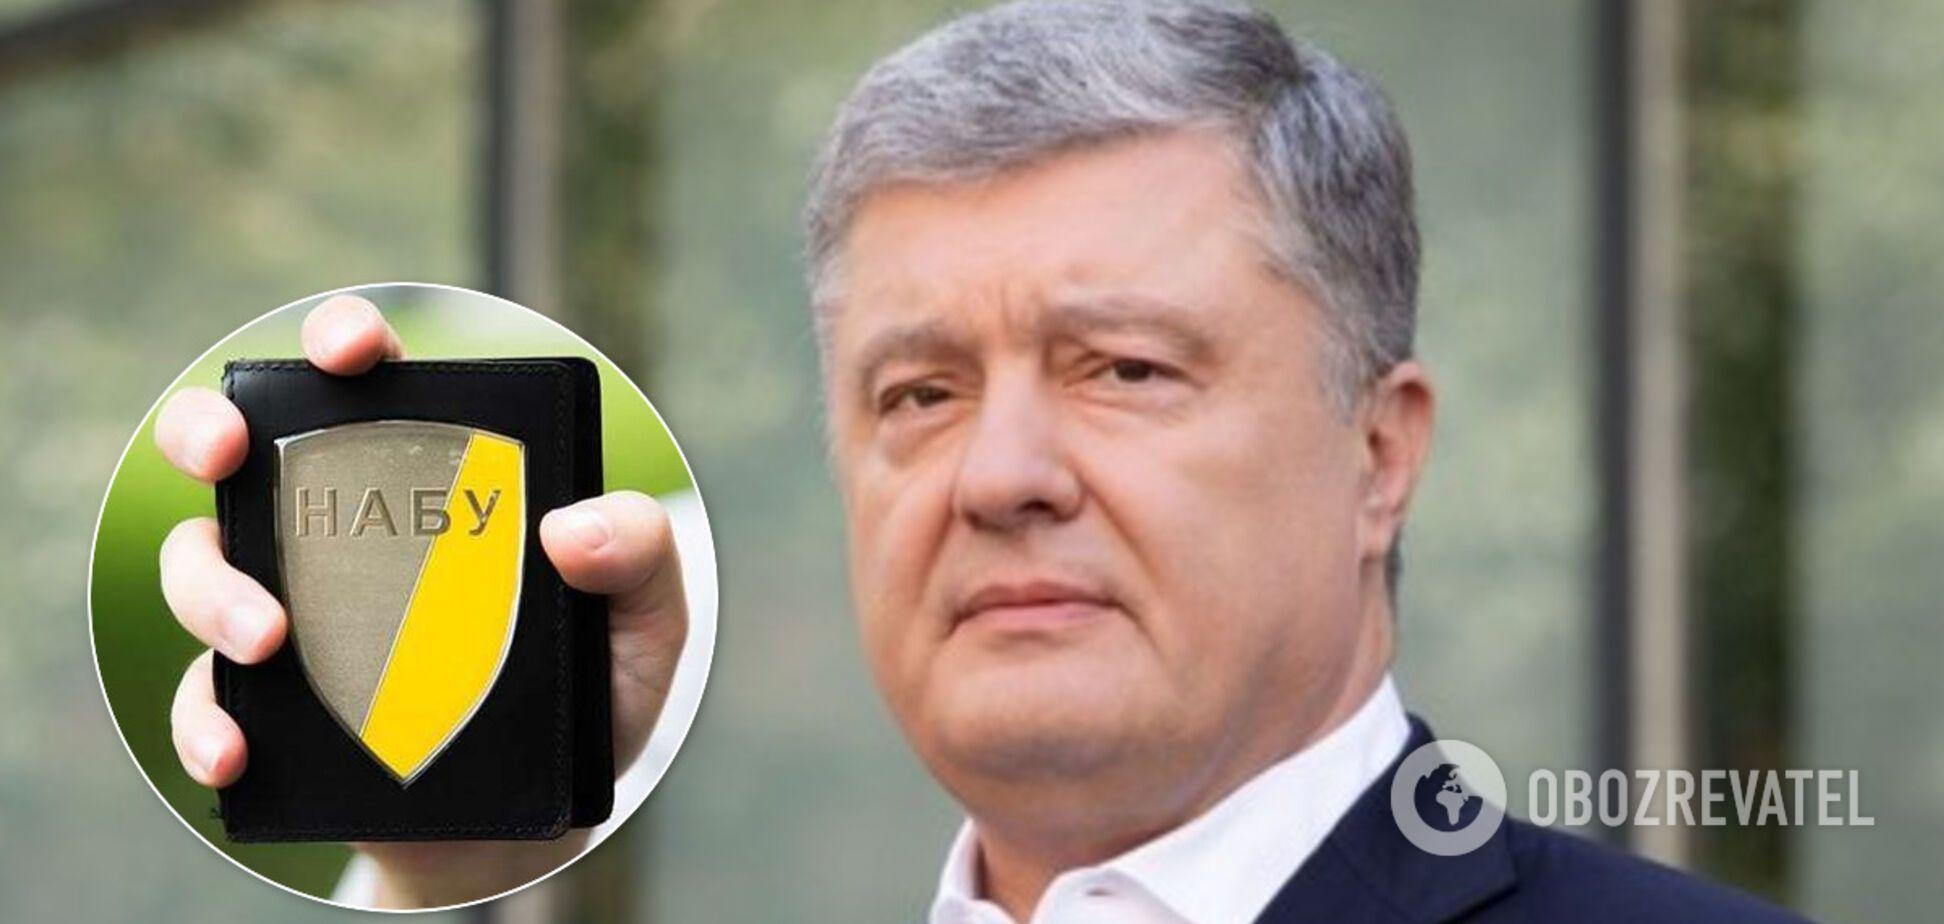 НАБУ відкрило кримінальне провадження через політичні переслідування Порошенка– адвокат